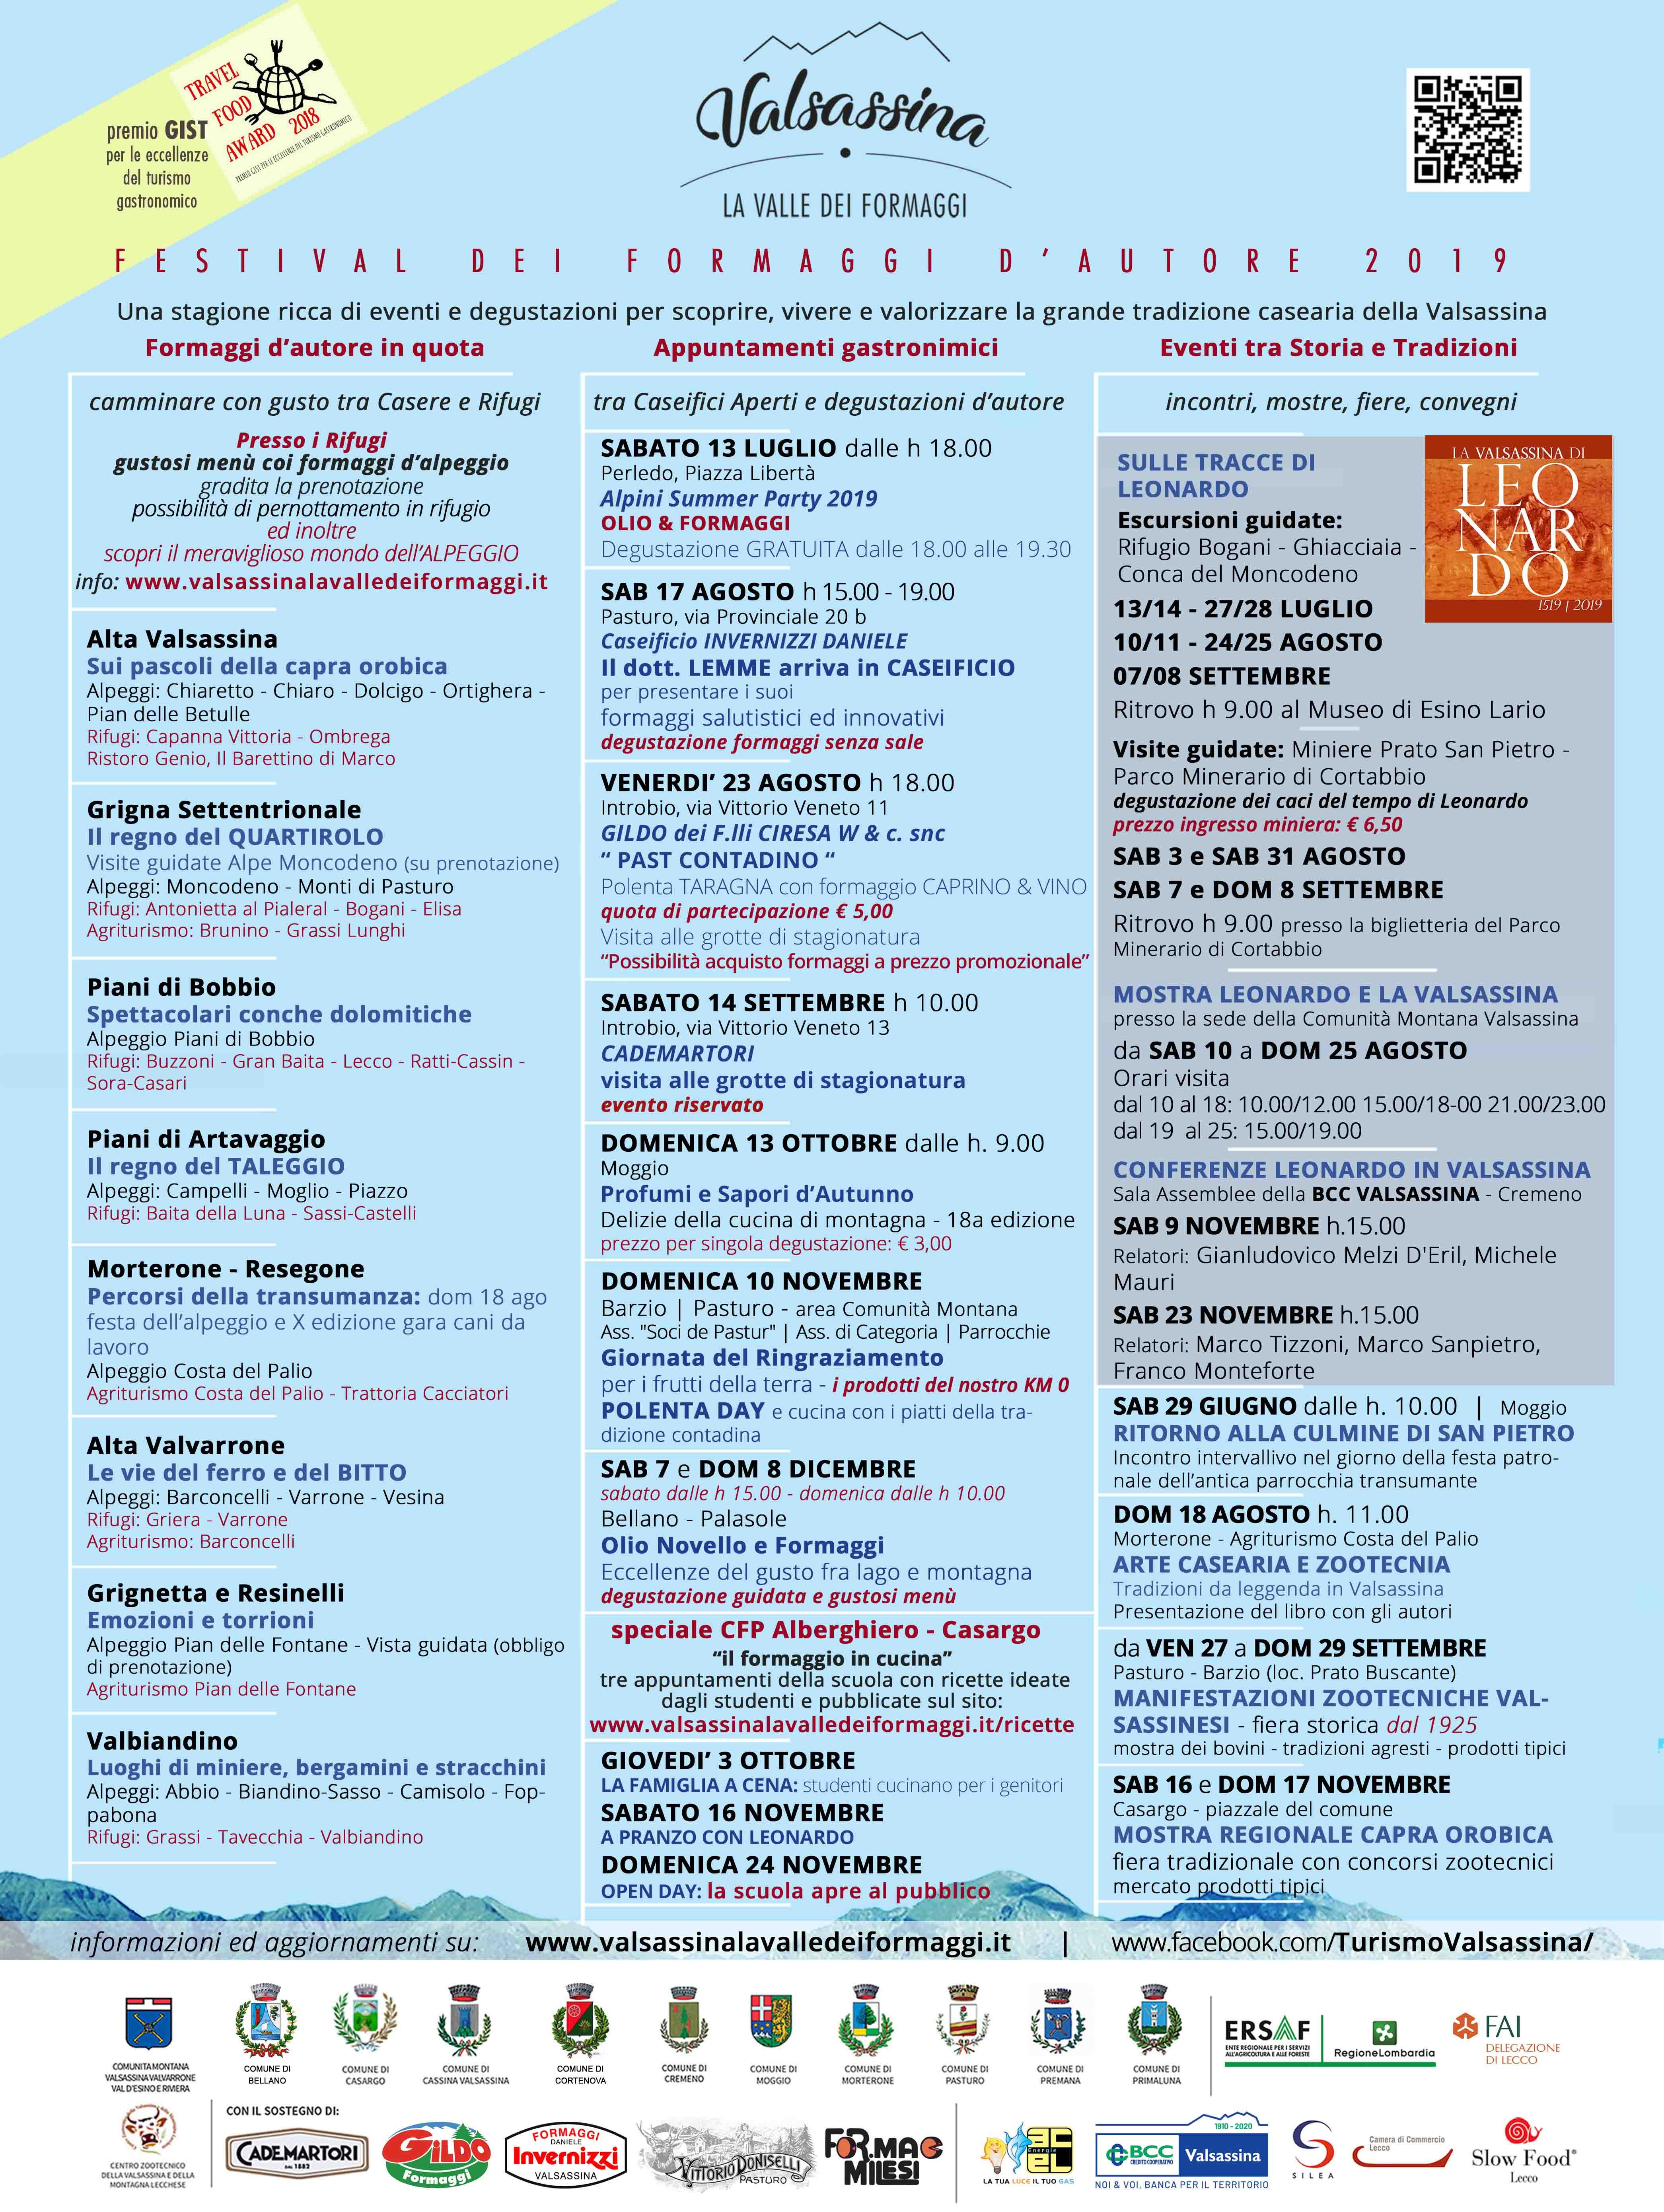 Calendario Fiere Alimentari 2020.Festival Dei Formaggi D Autore 2019 Valsassina La Valle